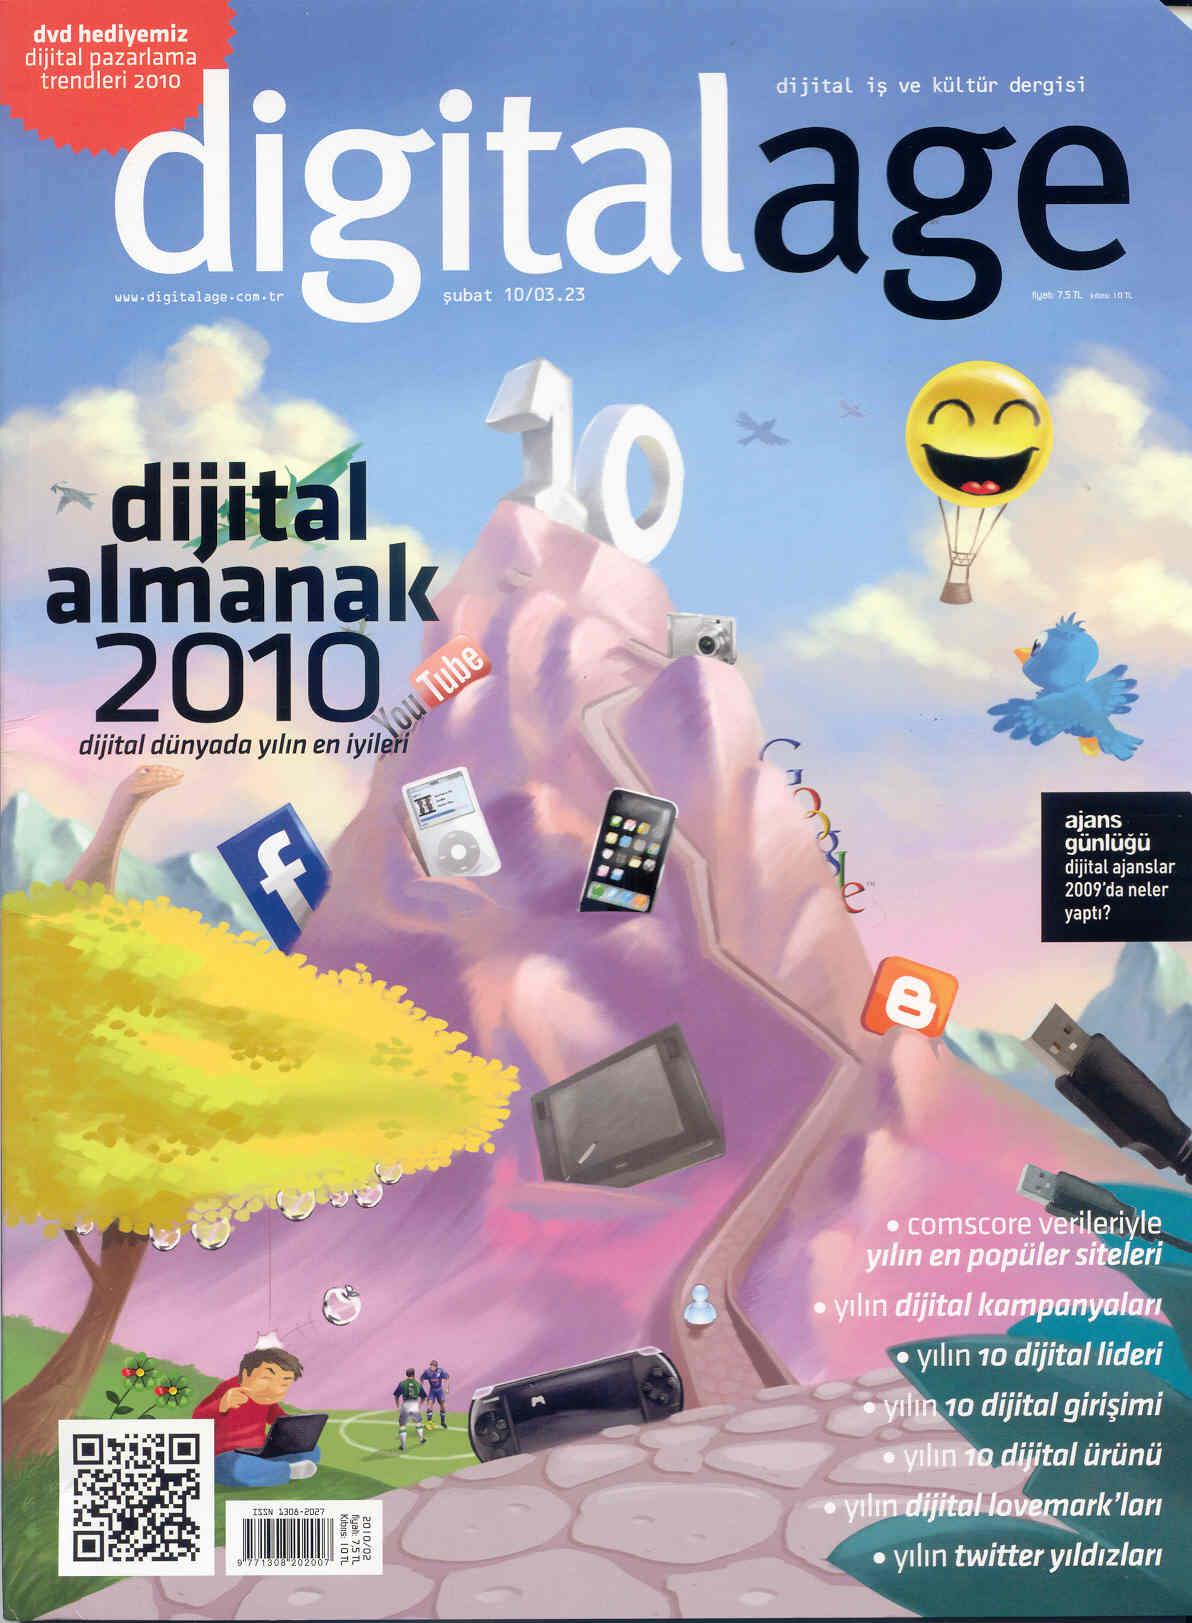 digitalage_2010_subat